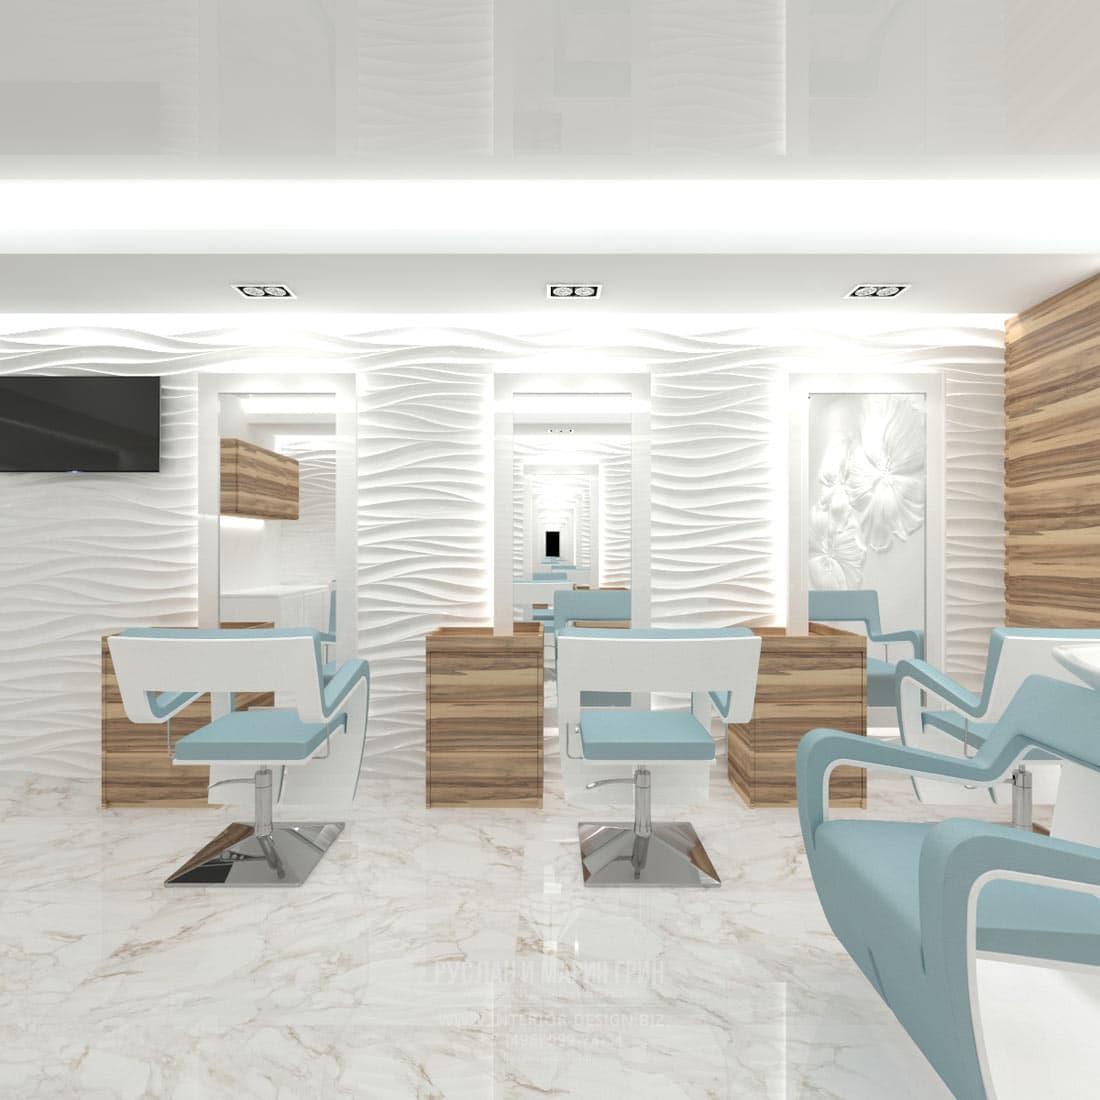 Дизайн интерьера современного салона красоты. Ресепшн